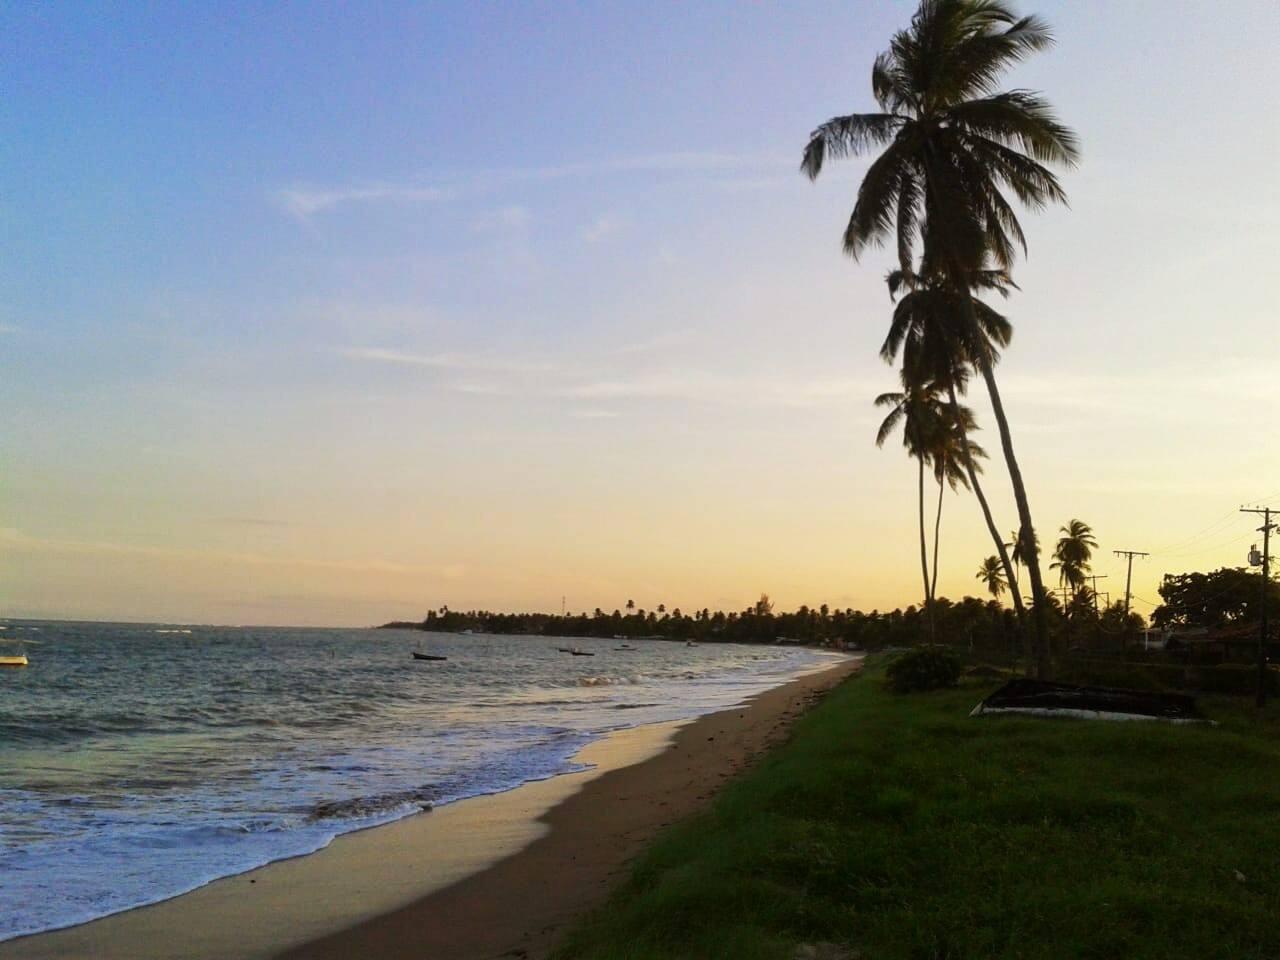 Pôr do Sol em Barra do Gil. Maré cheia. Essa praia fica a menos de 5 minutos à pé da casa.